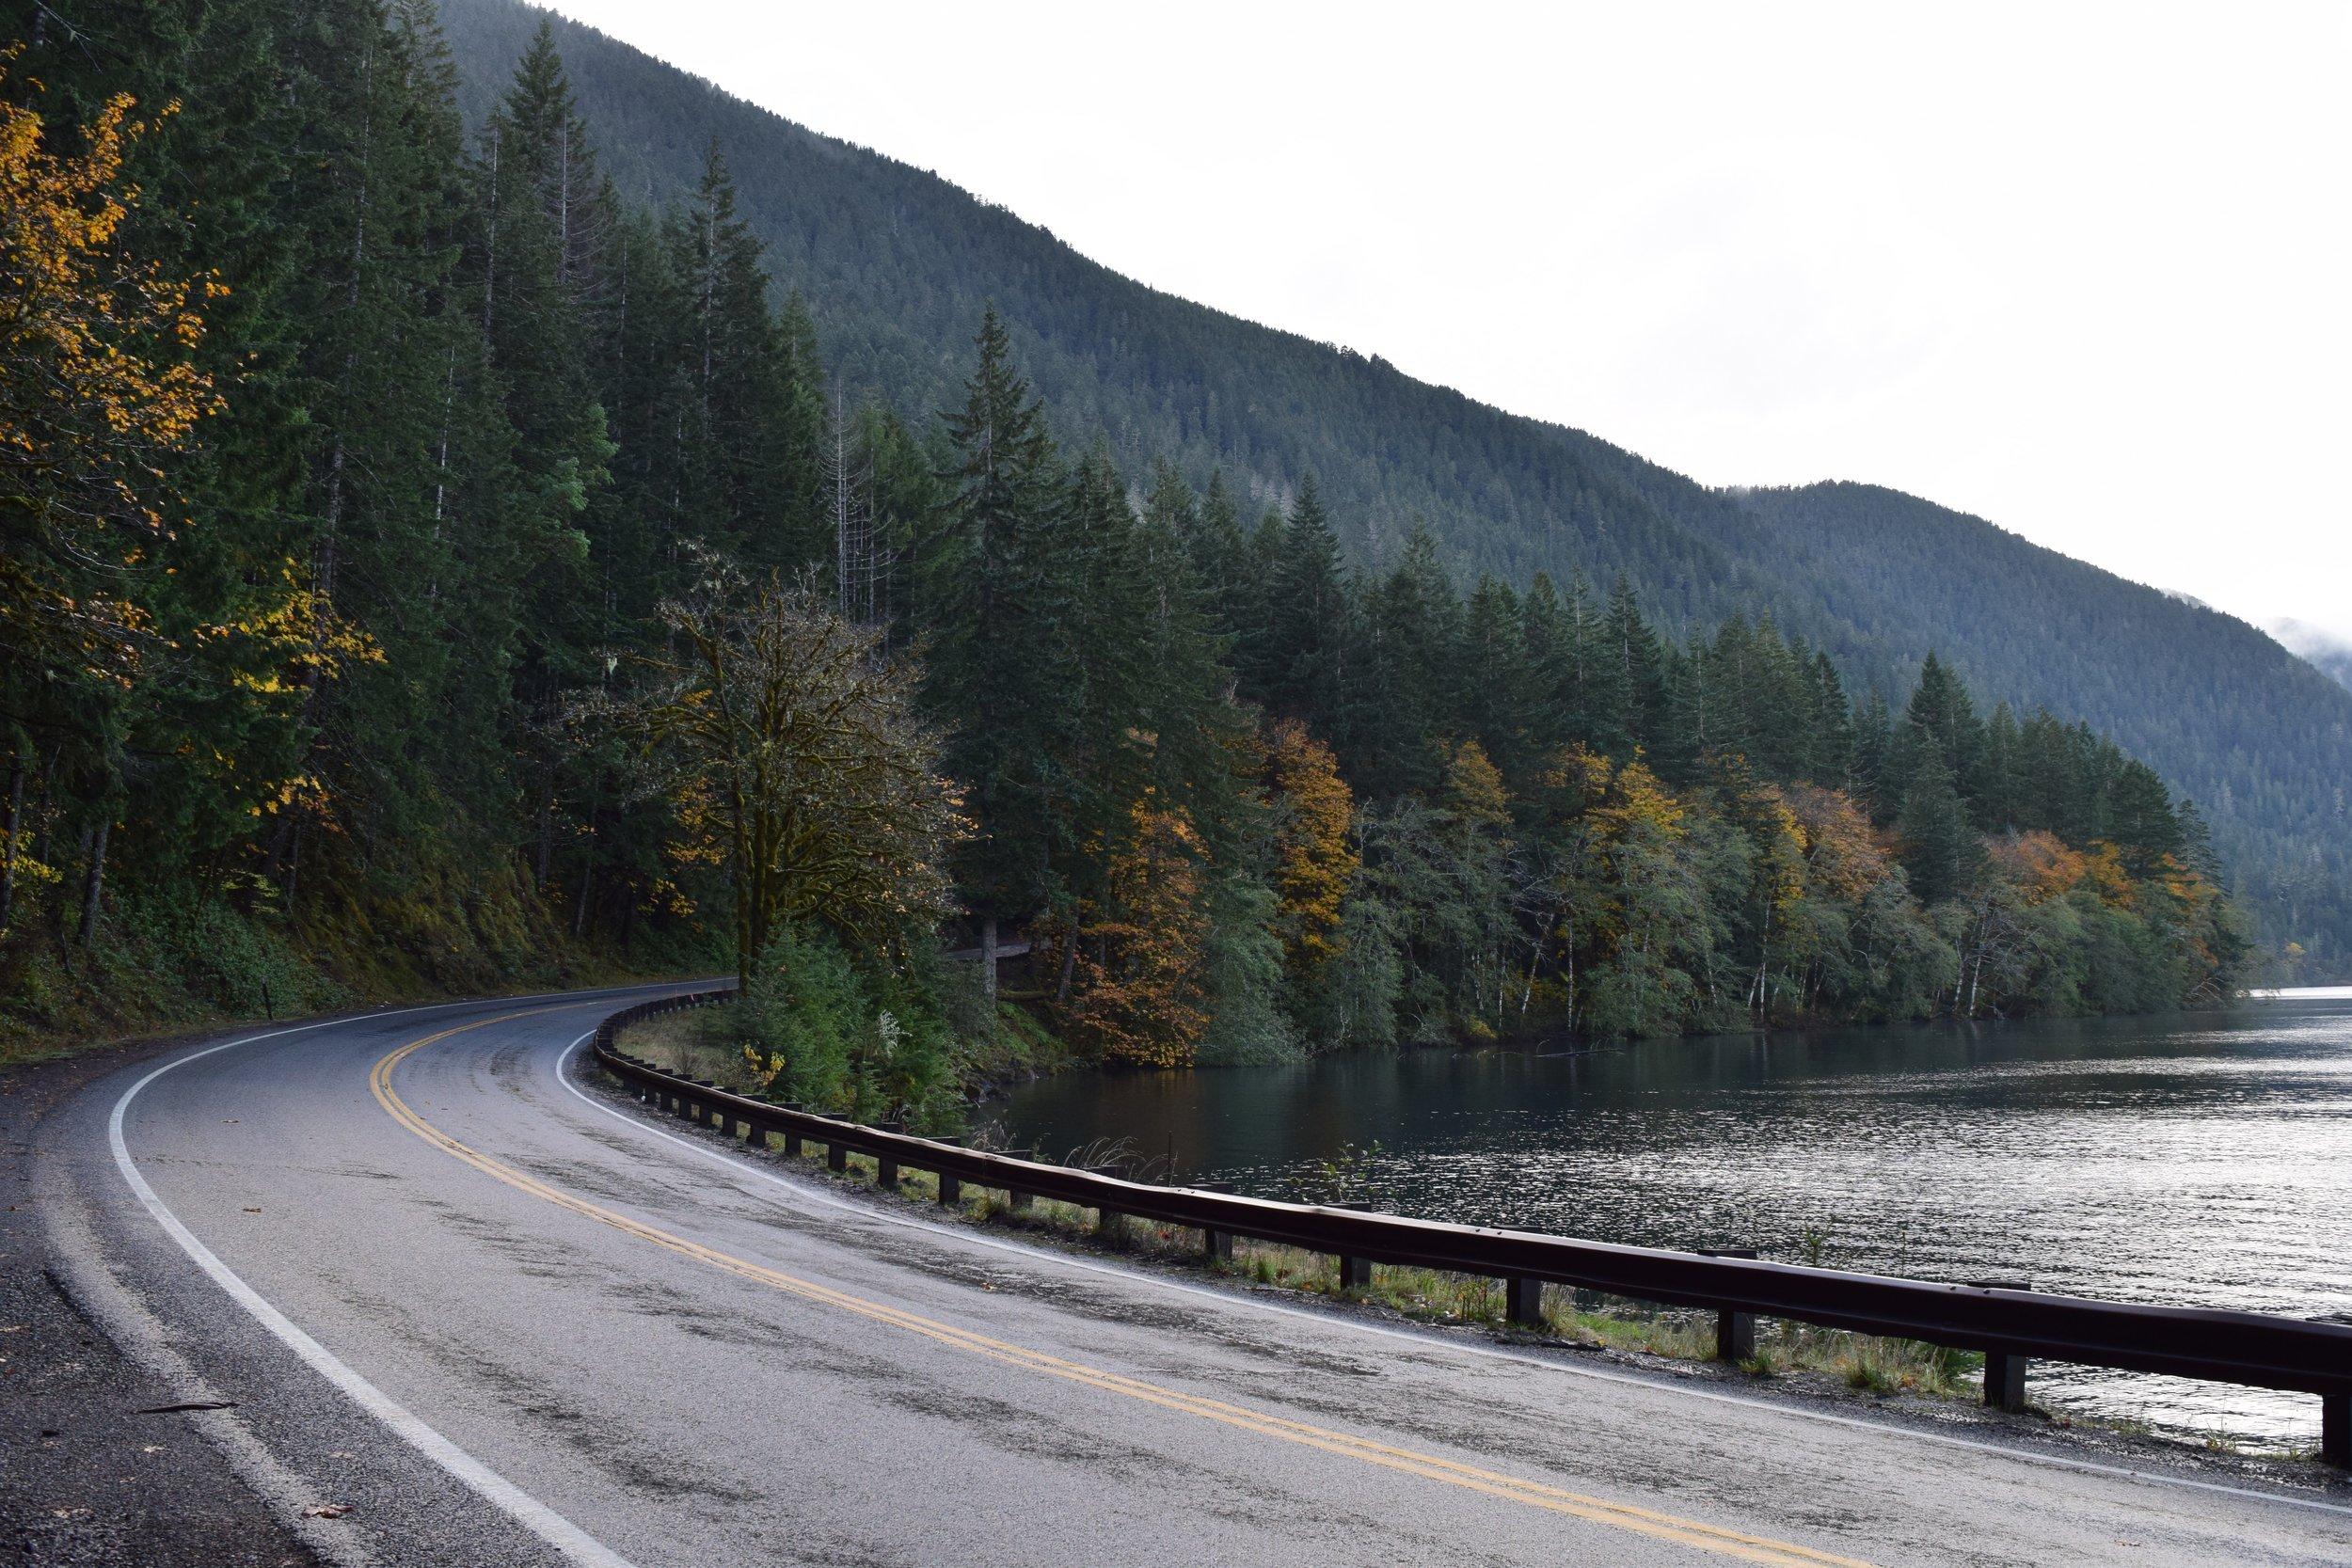 Highway 101 around Lake Crescent